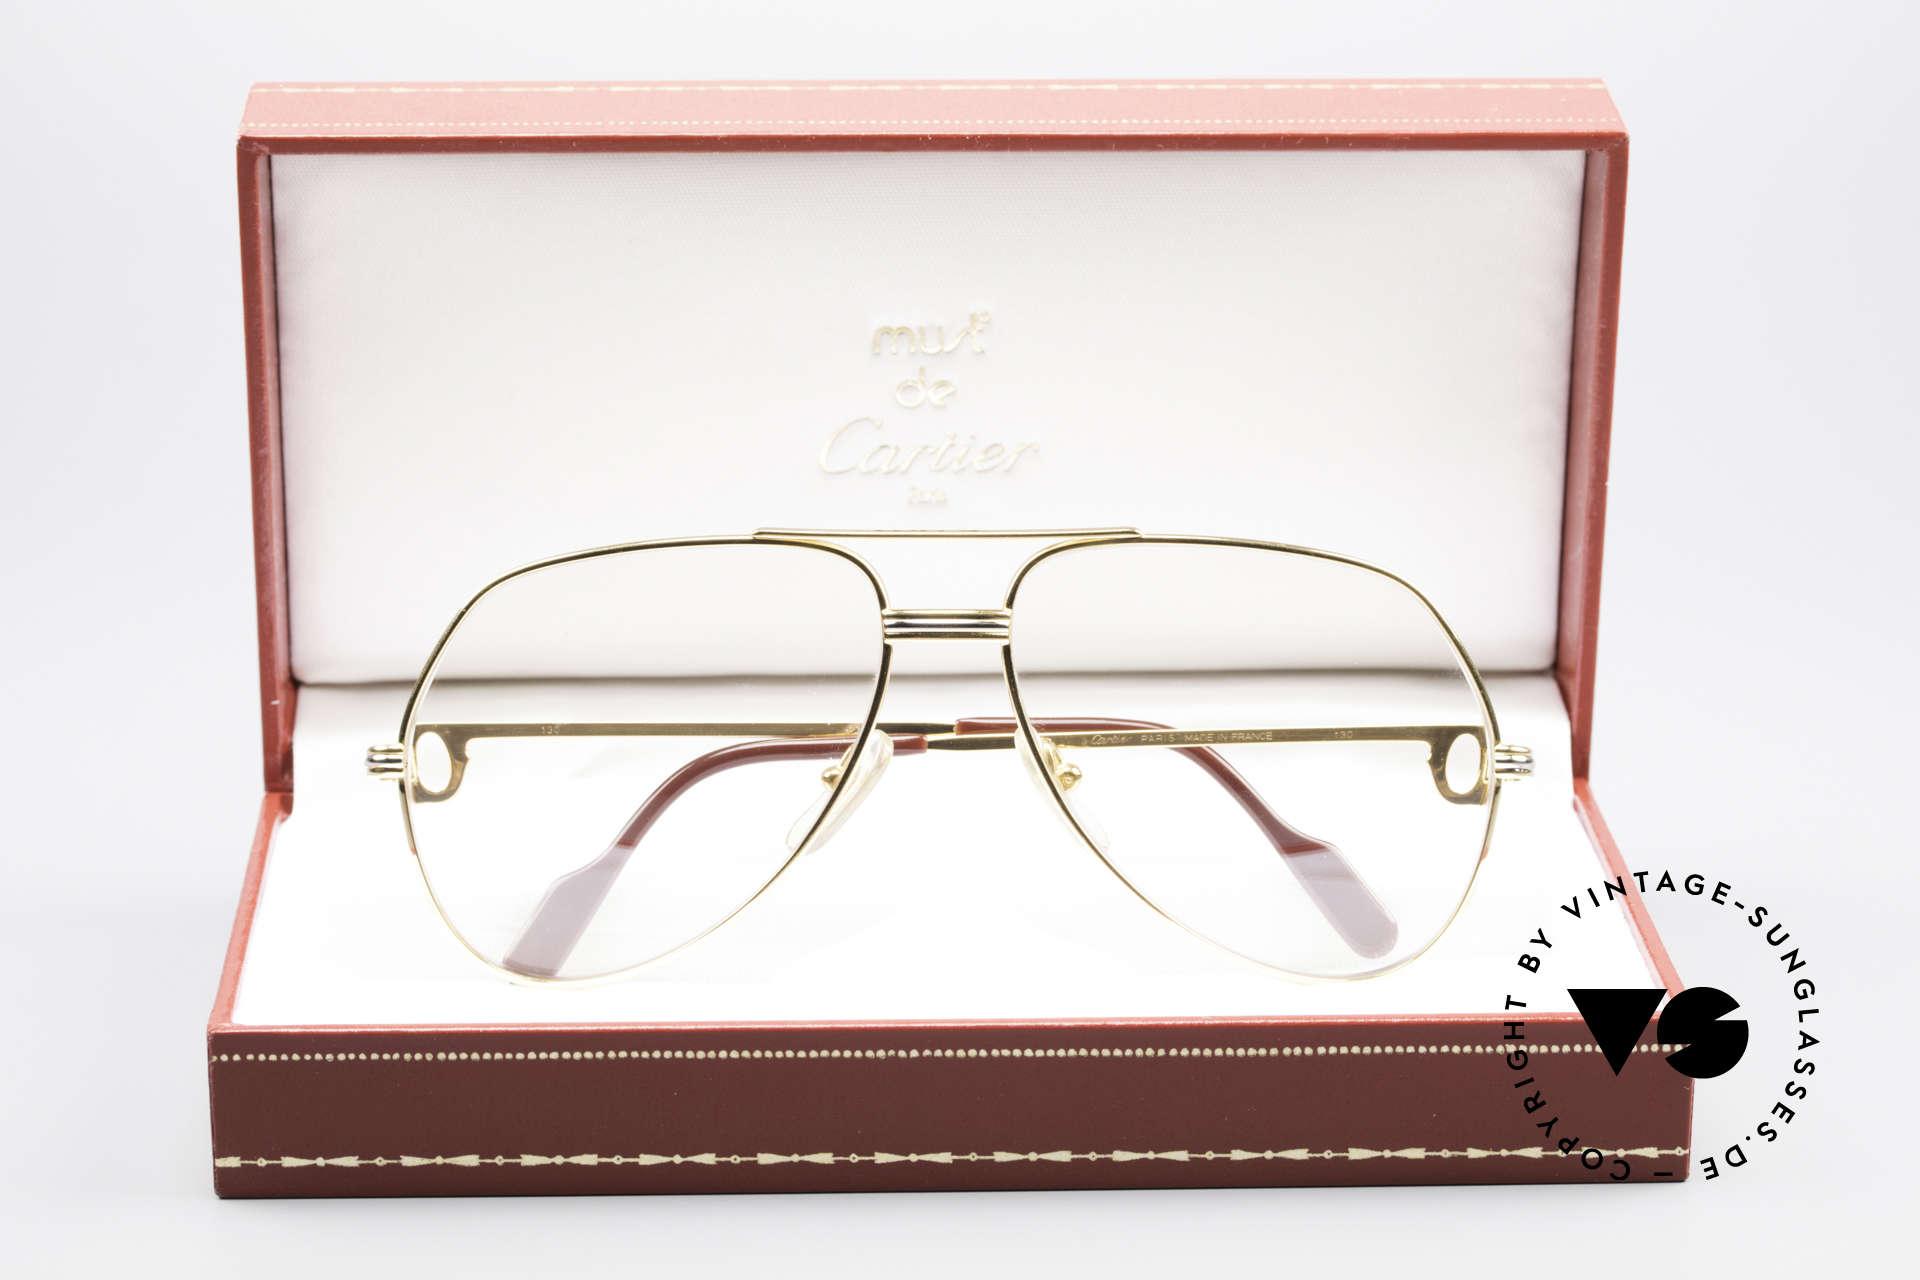 Cartier Vendome LC - M Hauchzeichen Cartier Gläser, original Gläser (Cartier Logo erscheint nach anhauchen), Passend für Herren und Damen